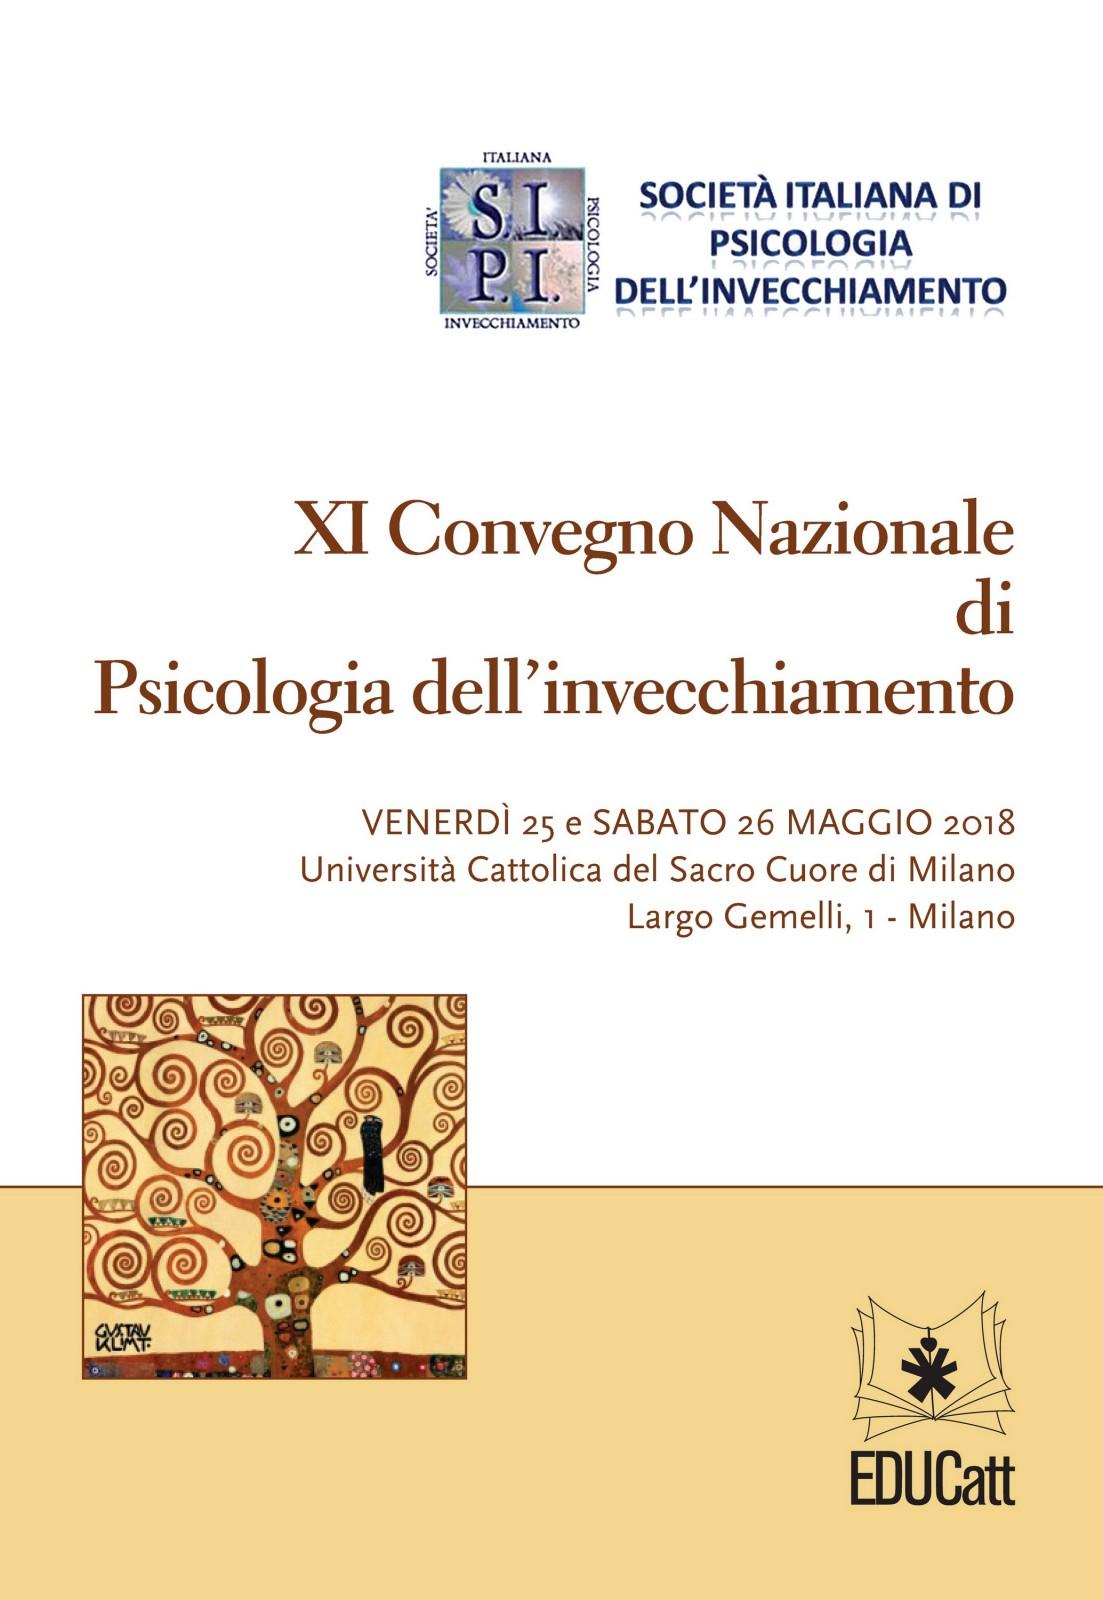 XI CONVEGNO NAZIONALE DI PSICOLOGIA DELL'INVECCHIAMENTO